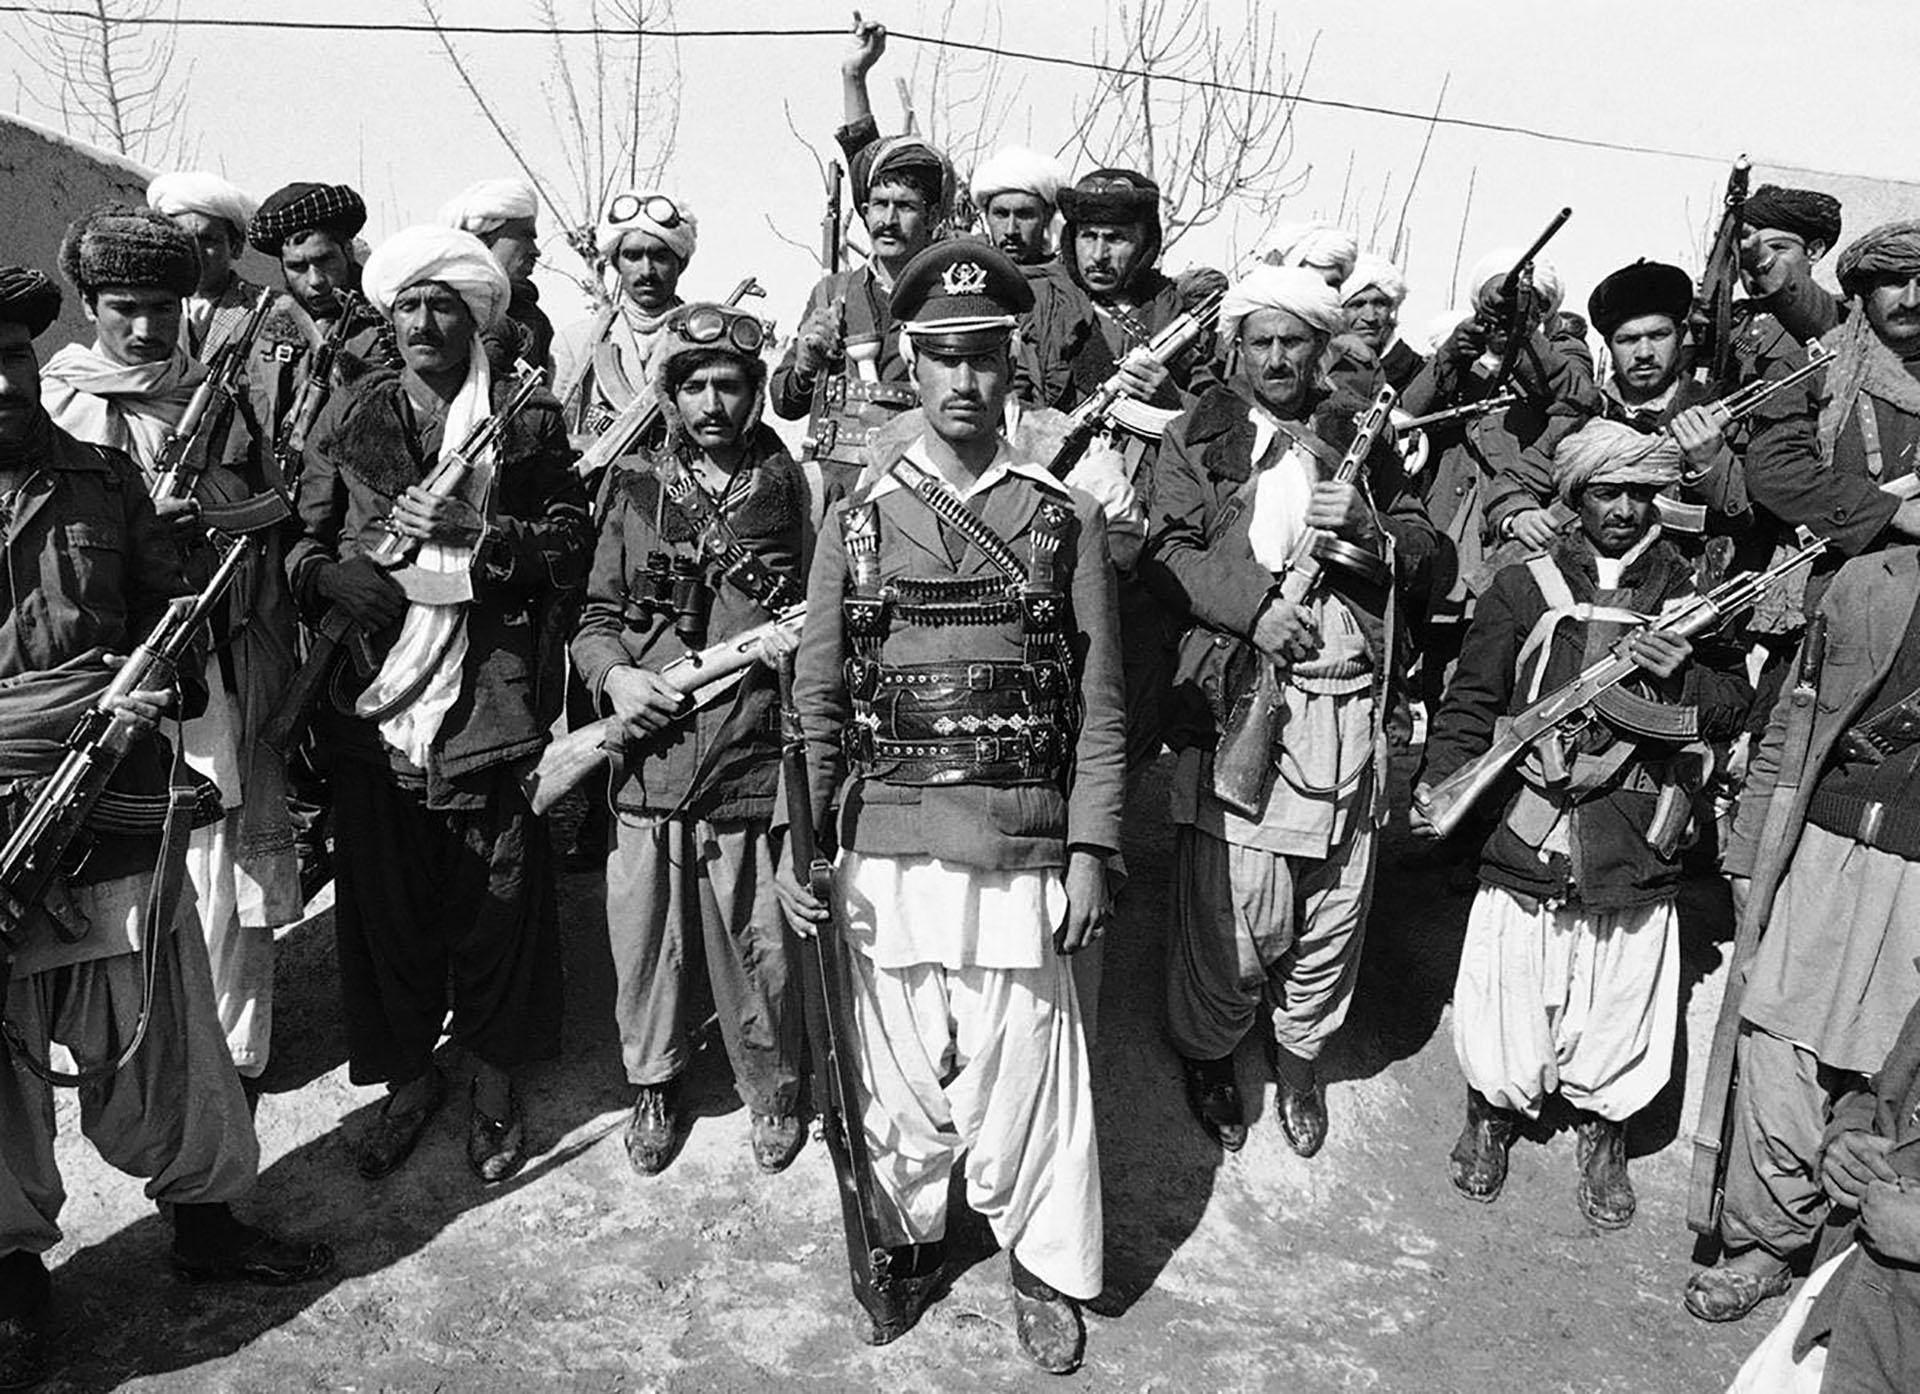 Un grupo de muyahidines en la ciudad de Herat en 1980. En primer plano figura un ex capitán delejército afgano que desertó para luchar contra los soviéticos